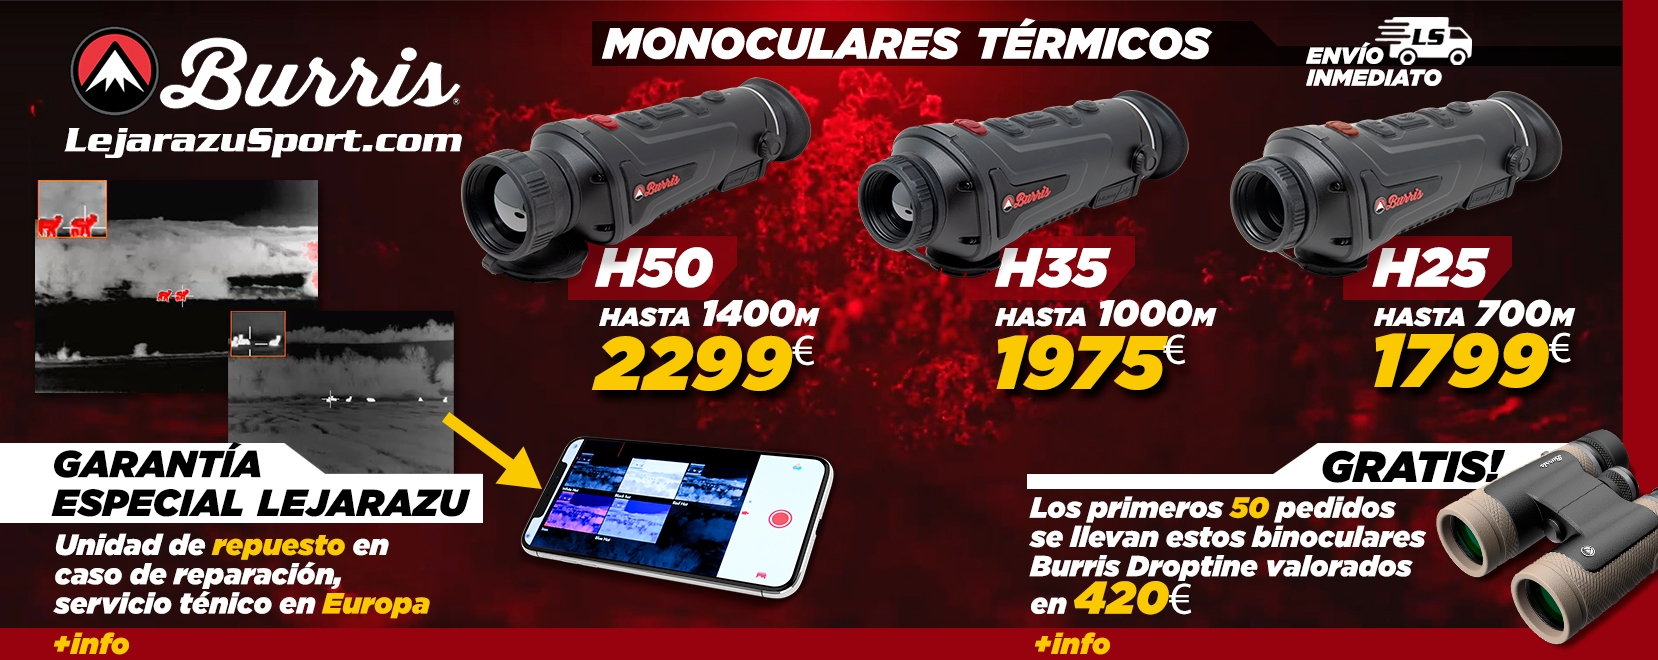 Comprar Térmicos Burris en LejarazuSport.com